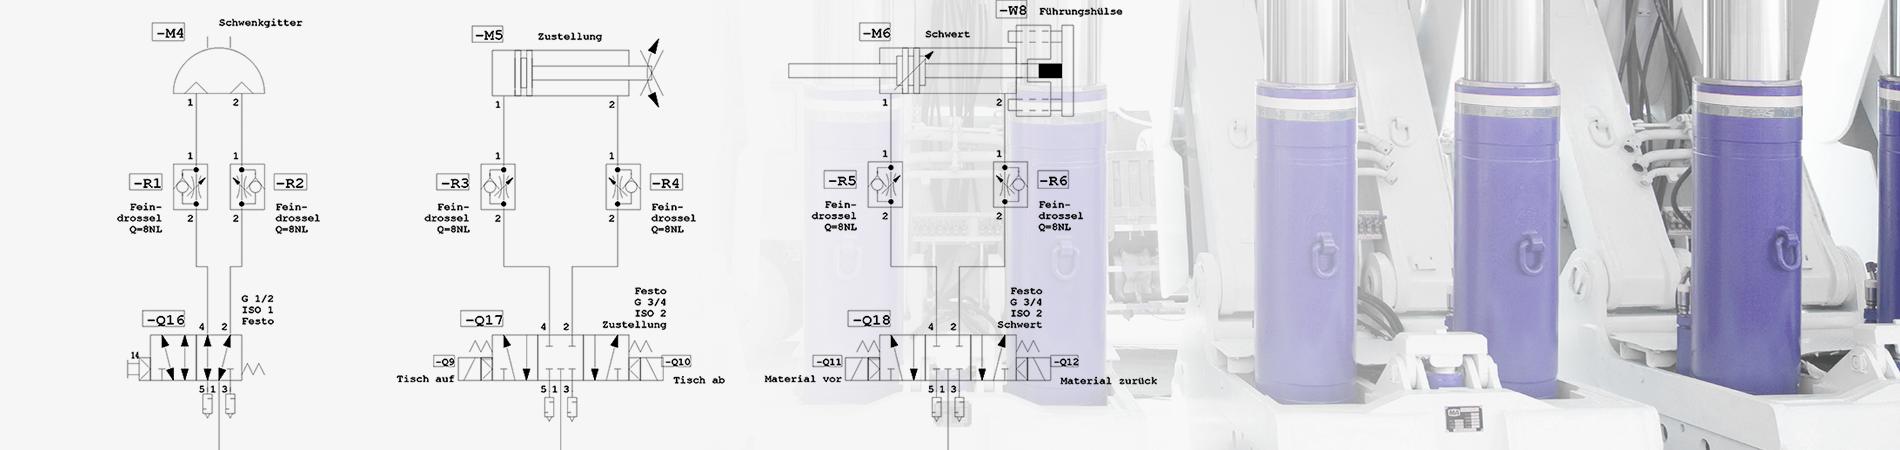 Fluid Engineering – WSCAD